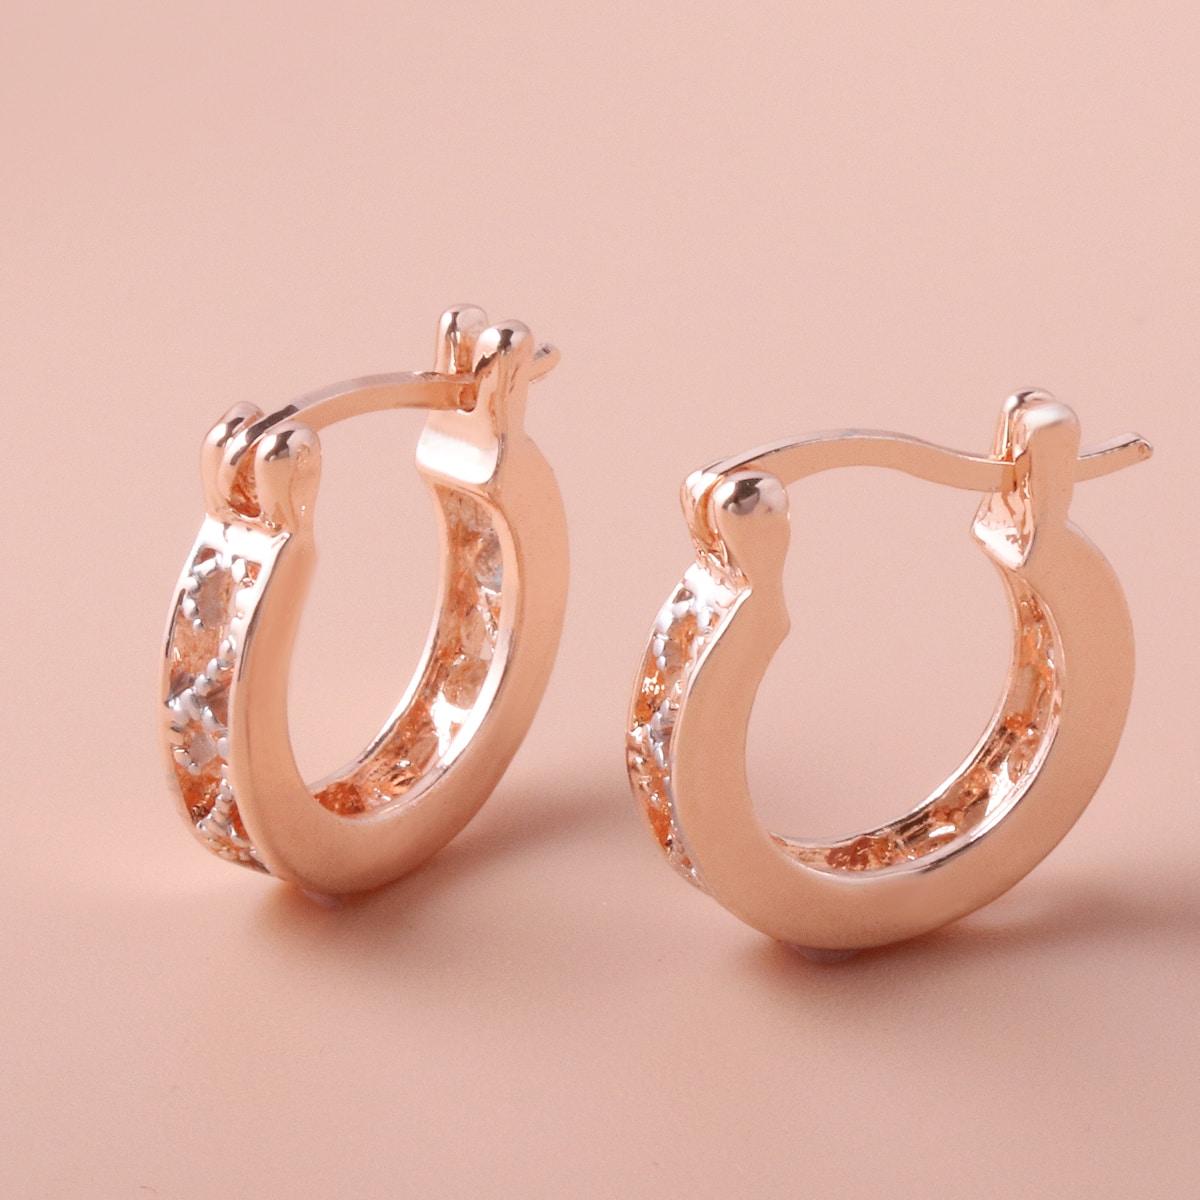 1pair Alloy Earrings